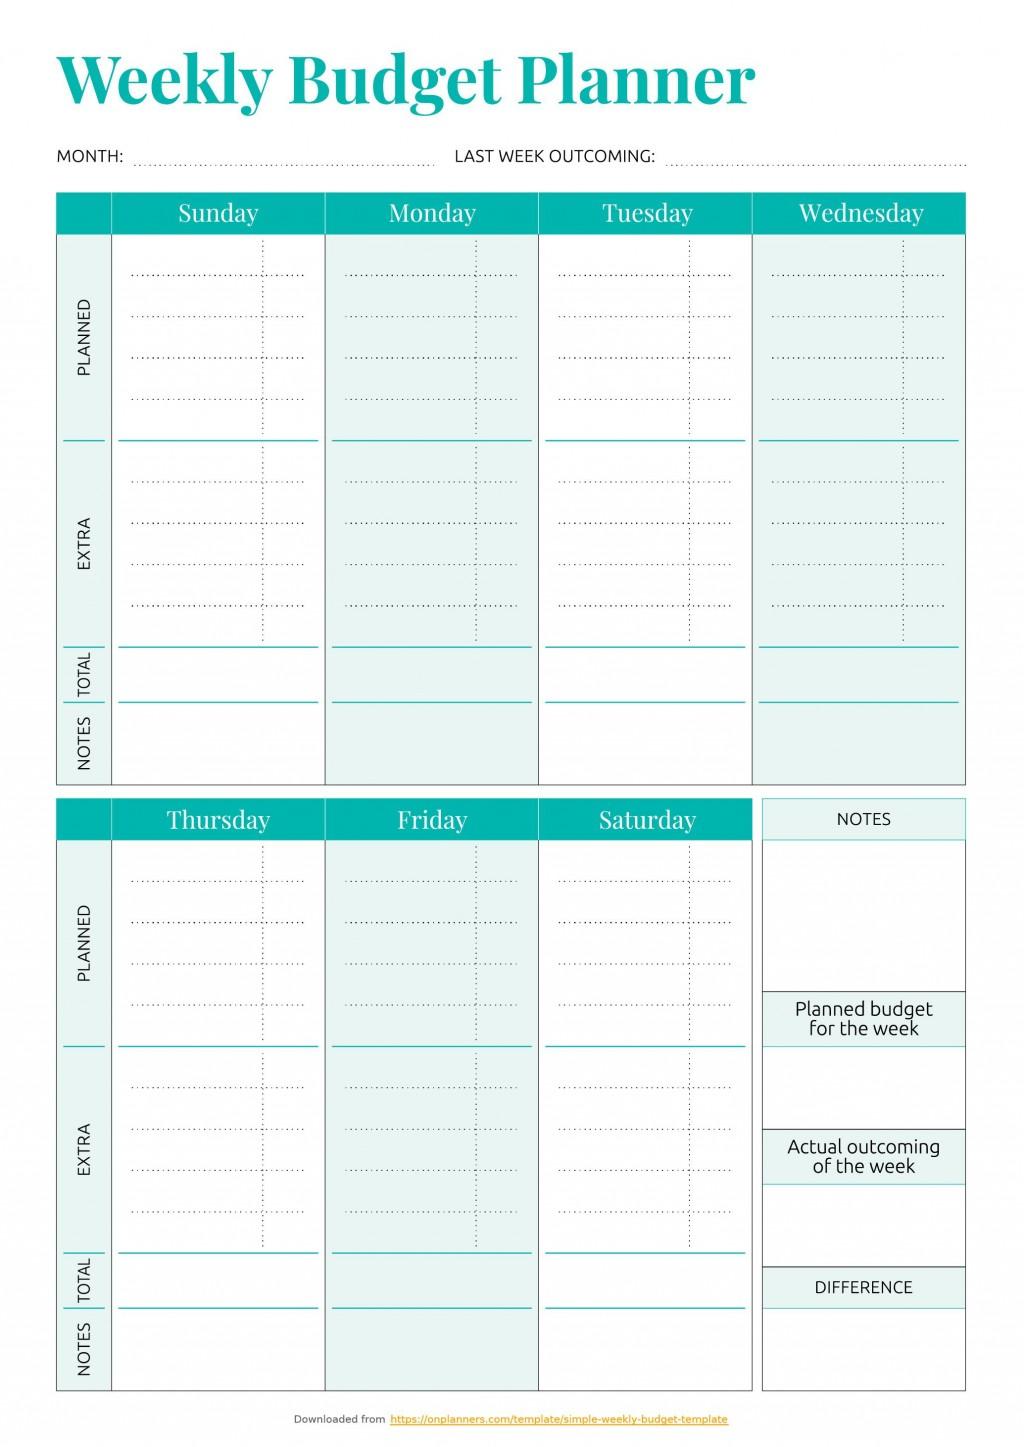 001 Striking Simple Weekly Budget Template Idea  Planner Personal PrintableLarge